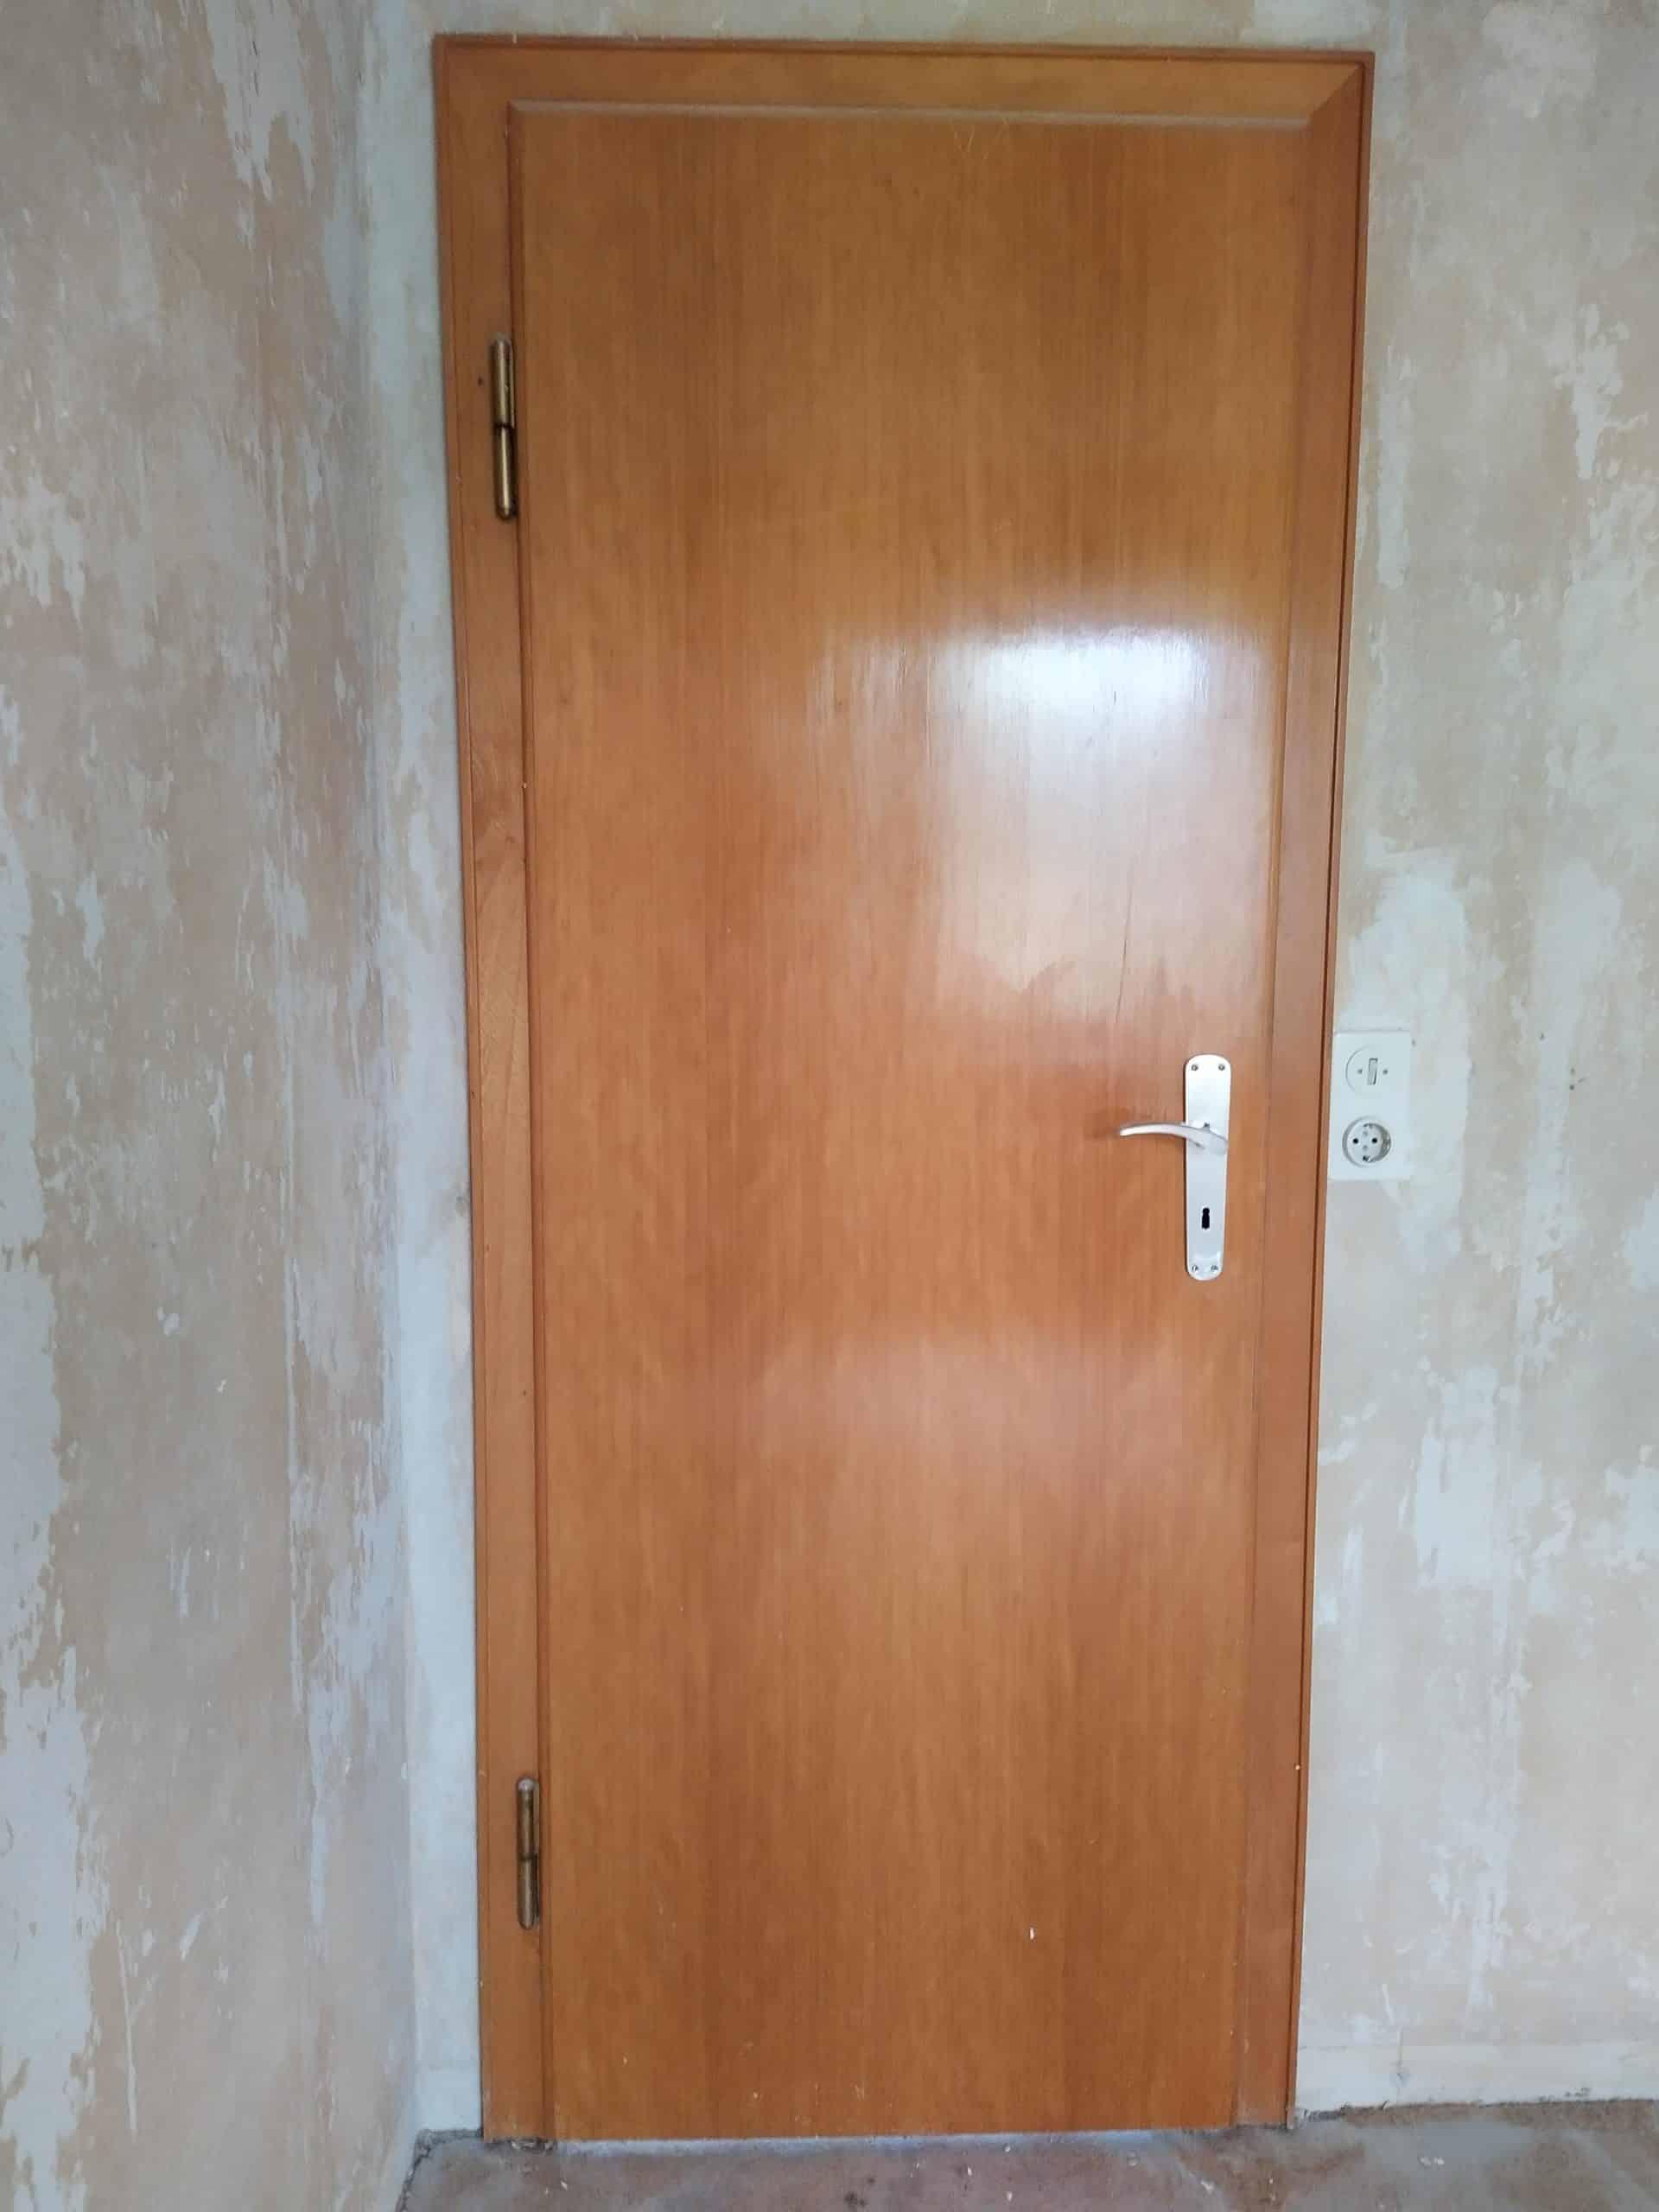 Zimmertür (1960er Jahre), Holz natur lackiert, 88er Breite